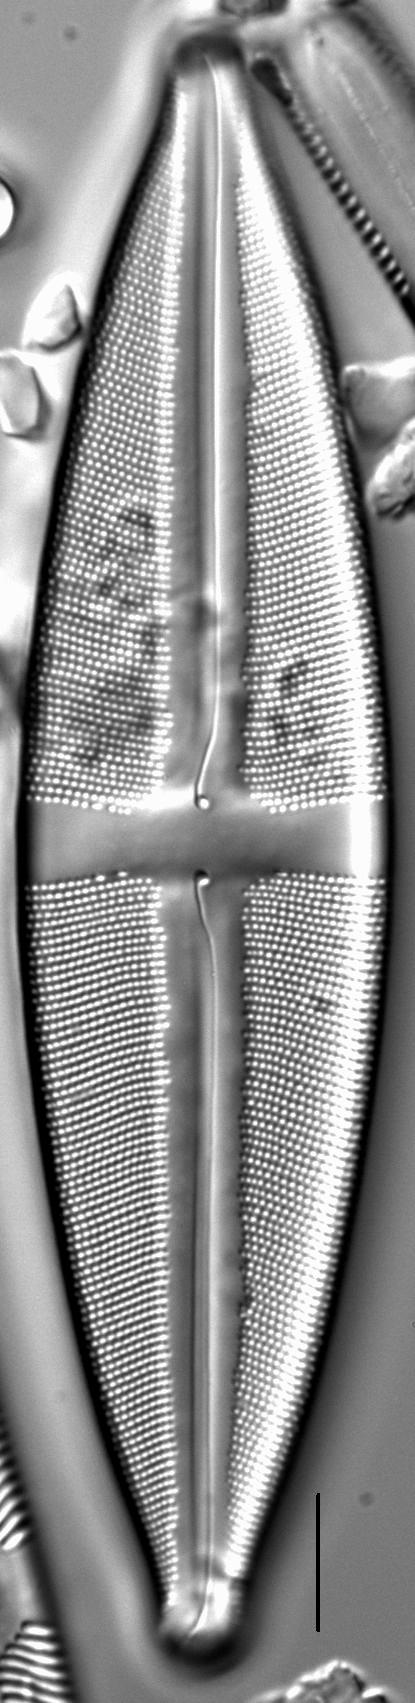 Stauroneis circumborealis LM3